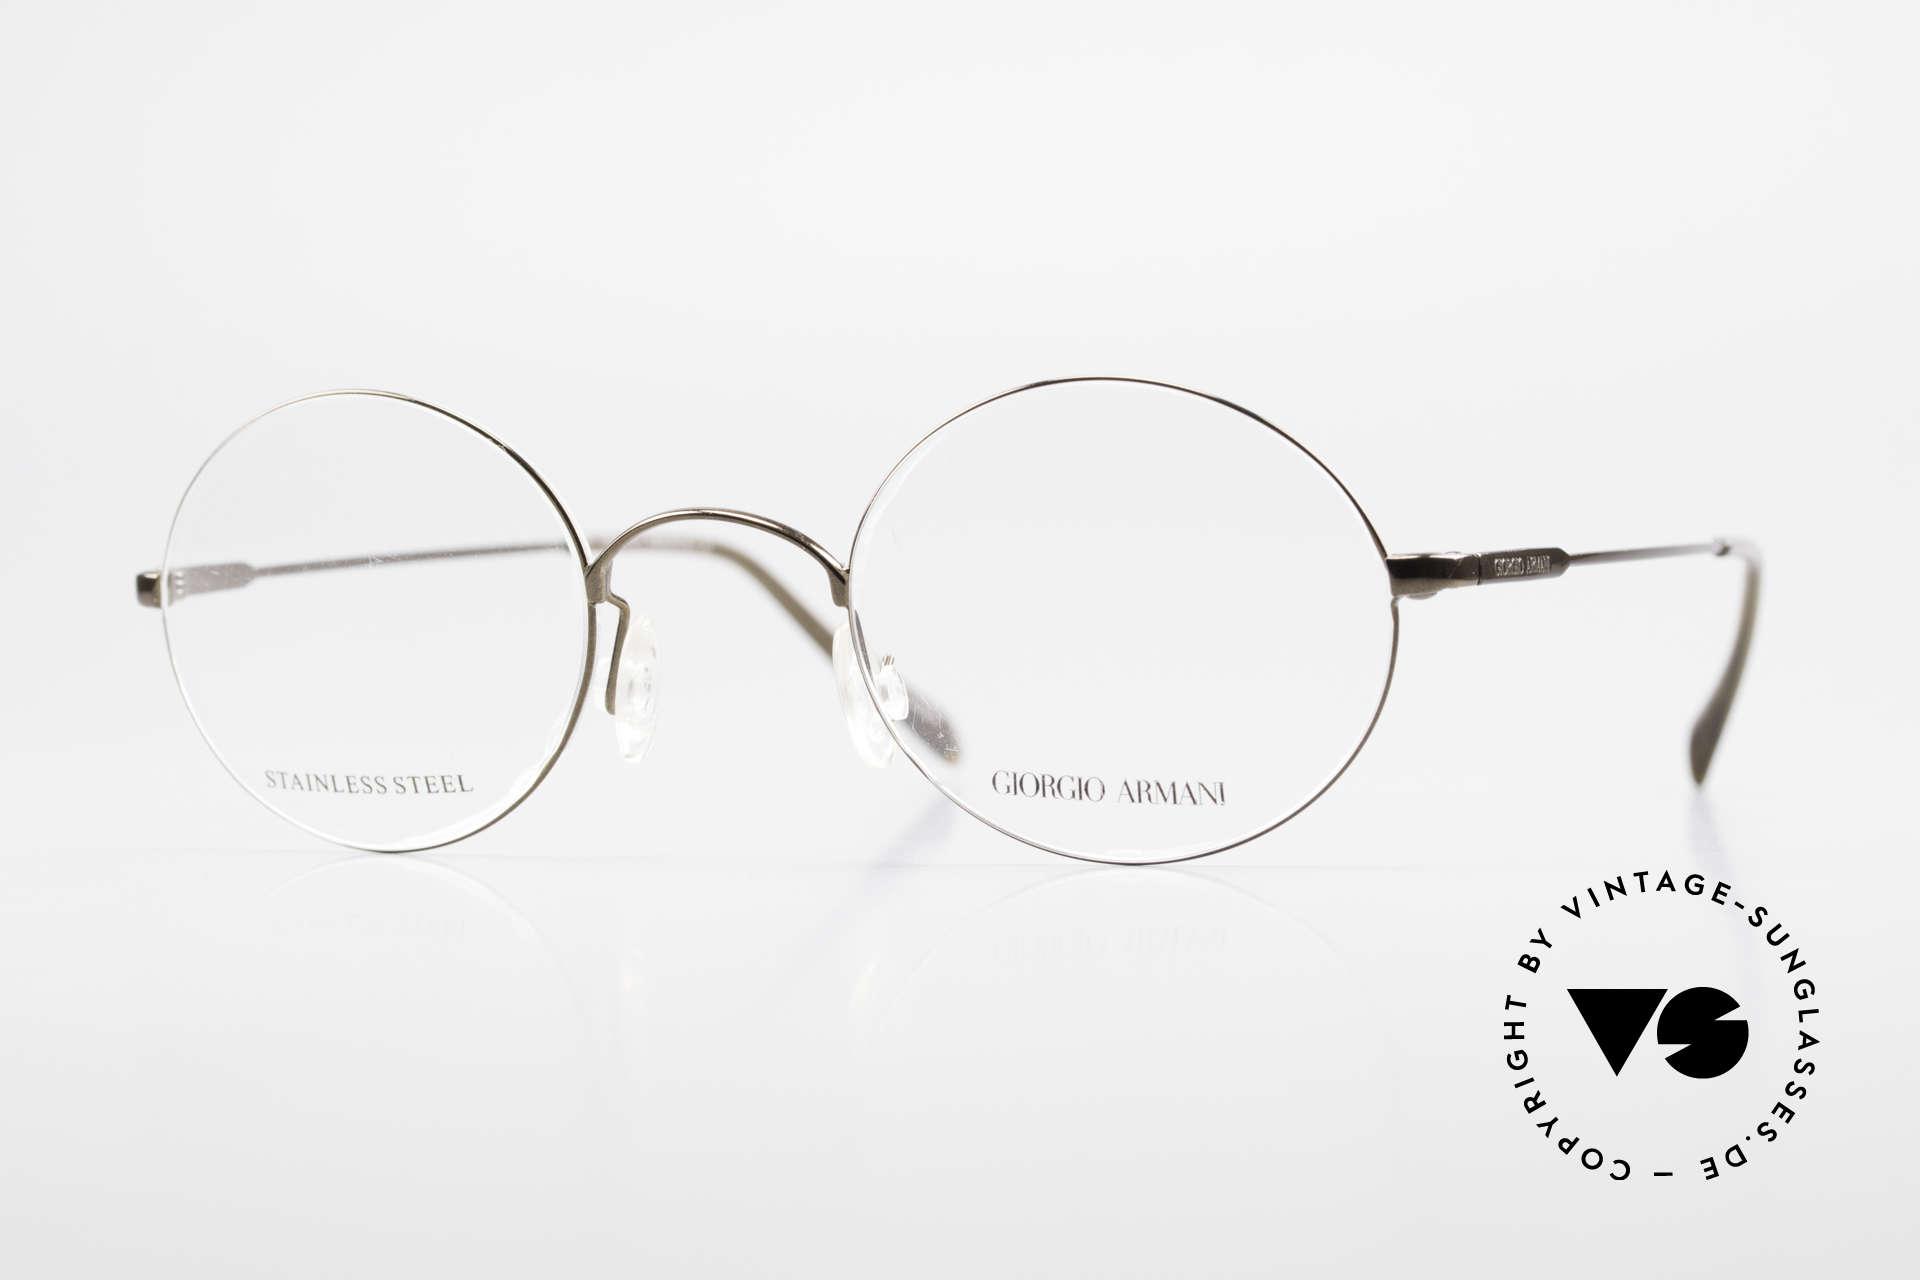 Giorgio Armani 348 Round Vintage 90's Eyeglasses, round vintage 90s eyeglass-frame by Giorgio Armani, Made for Men and Women